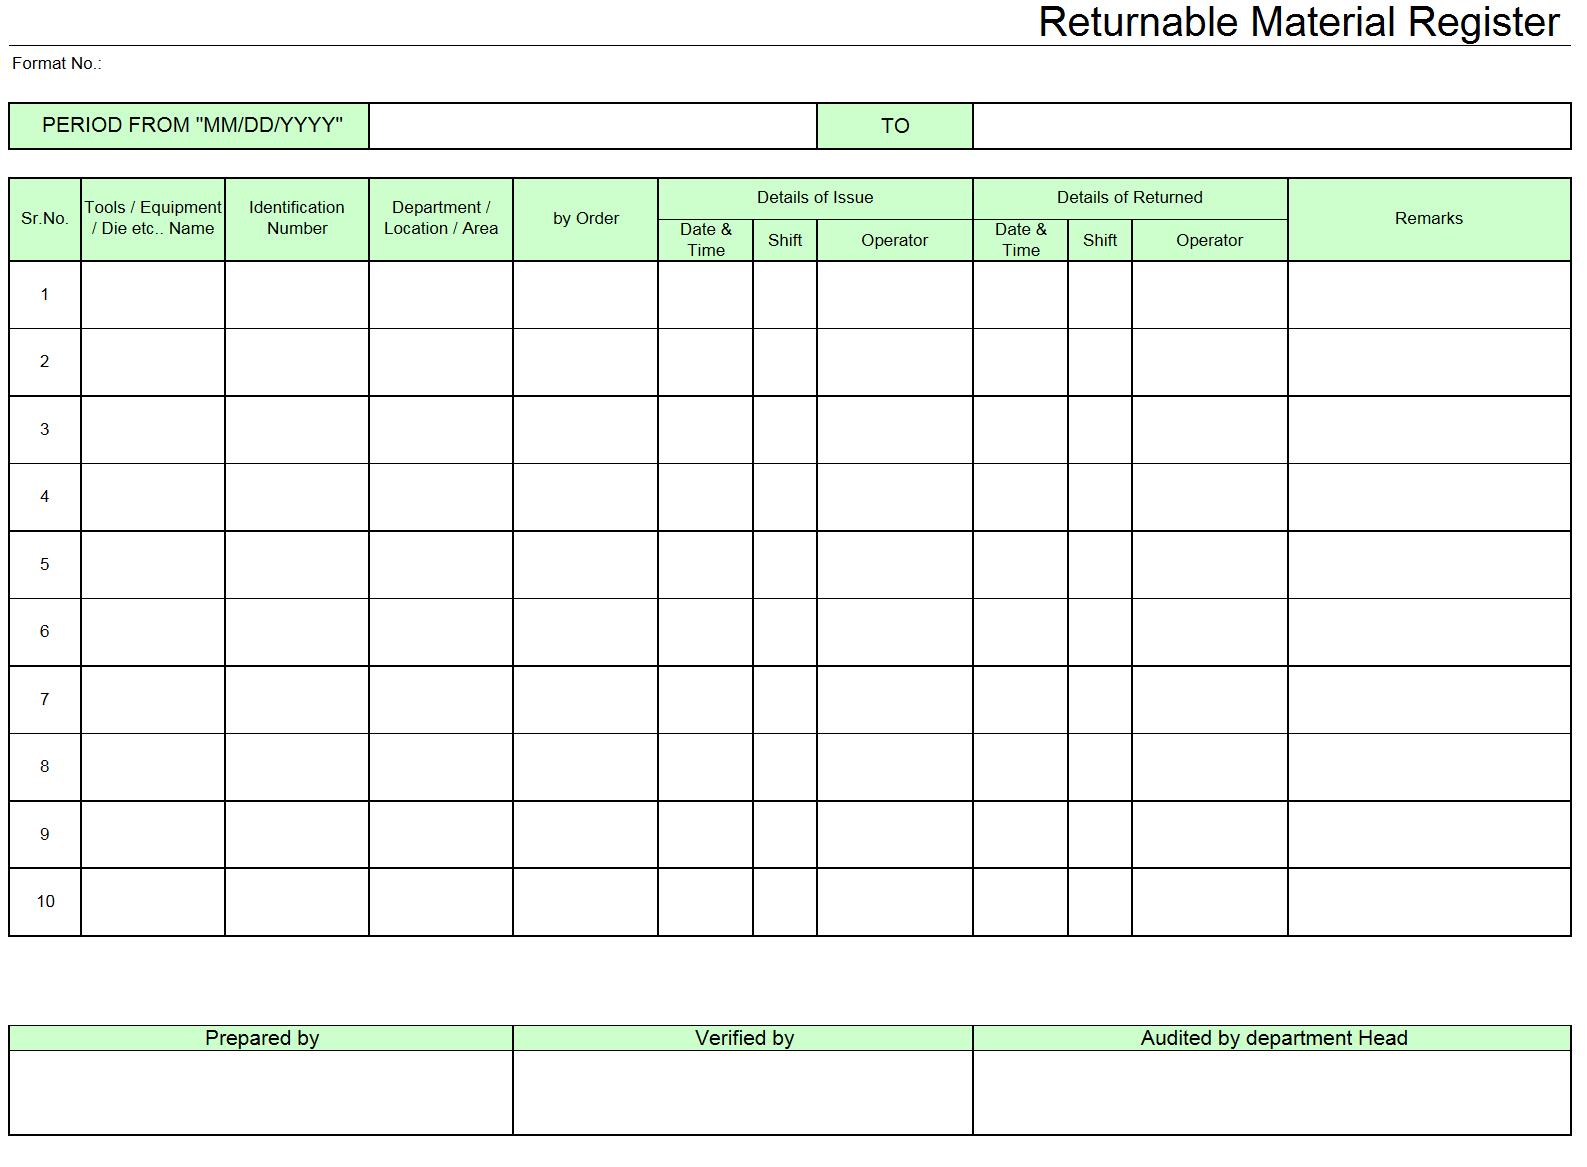 Returnable material register